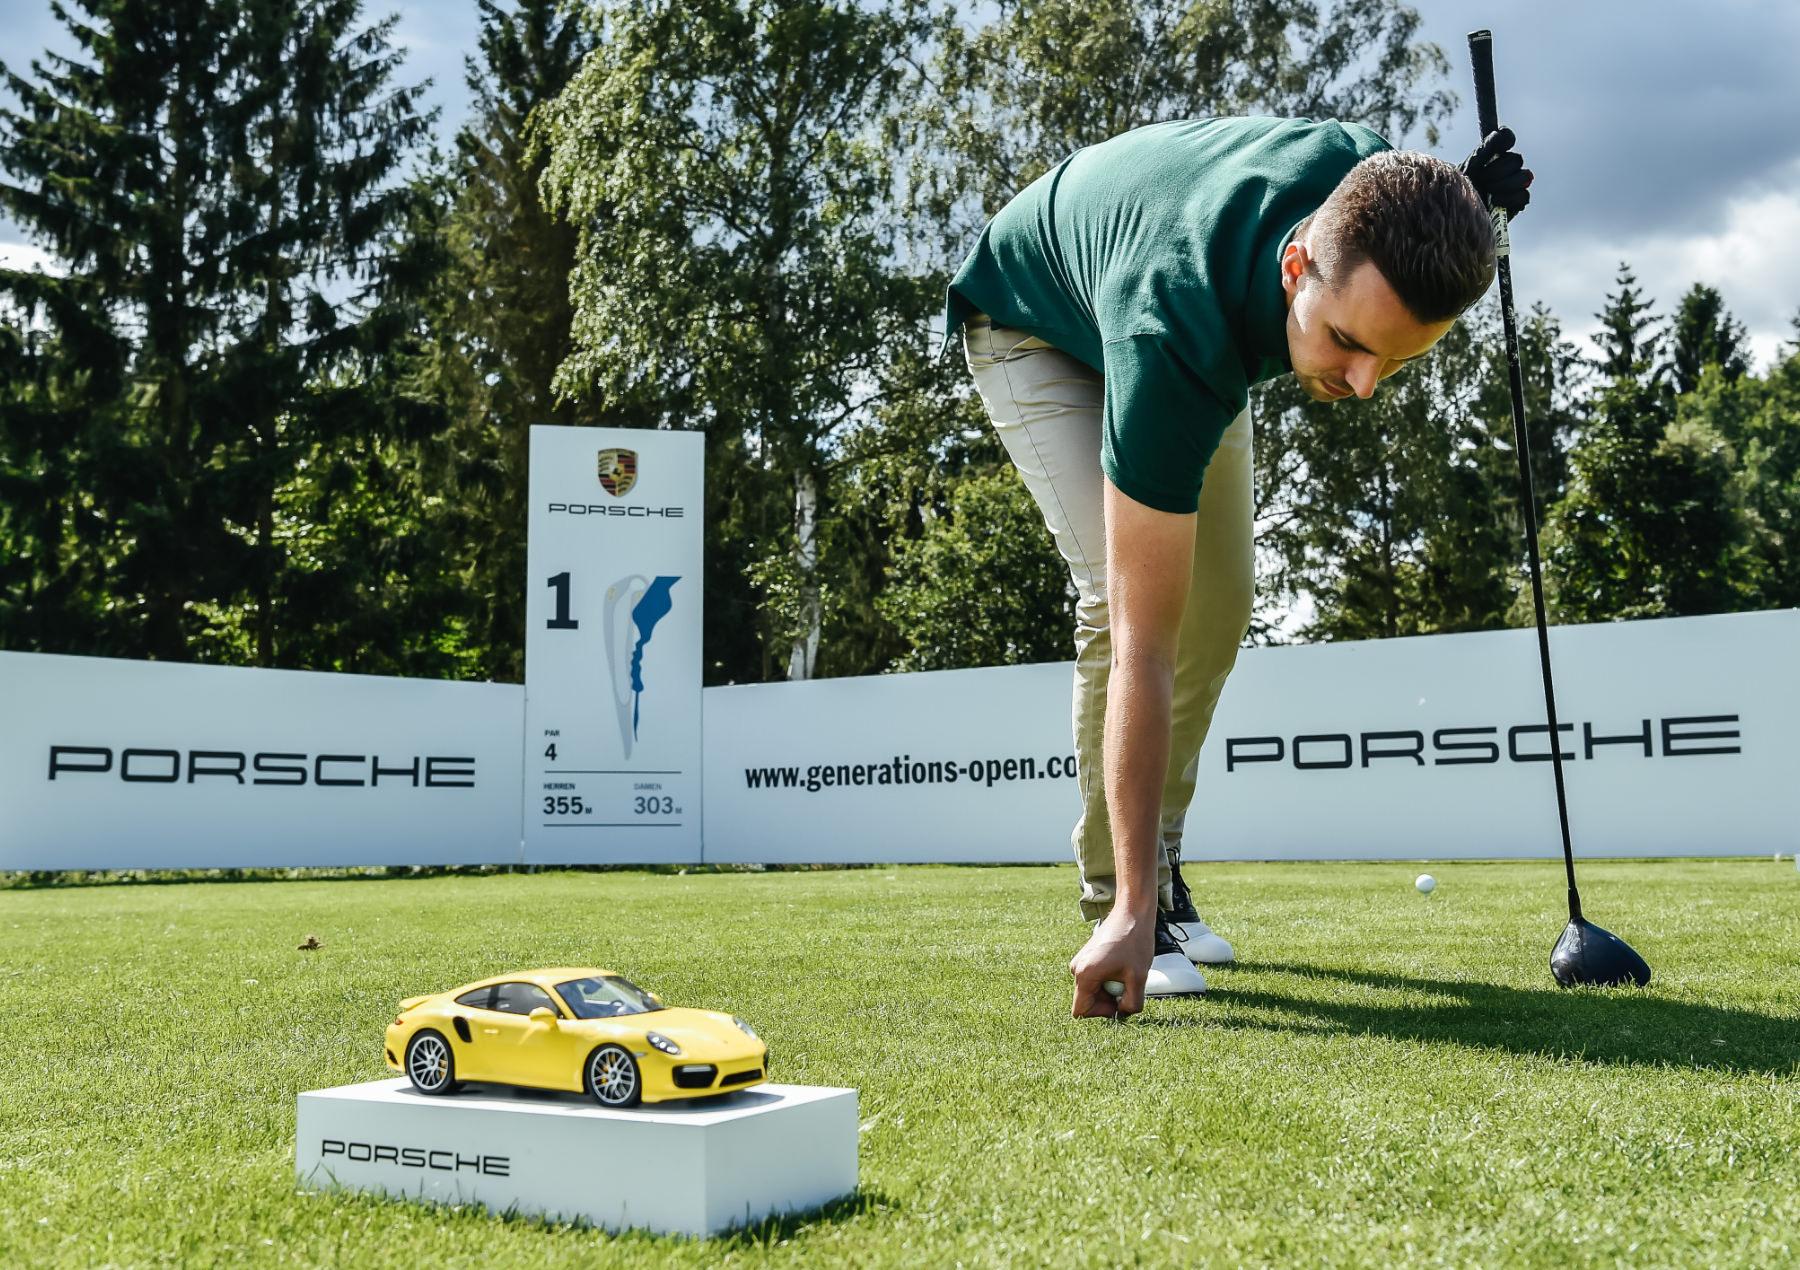 Porsche Generationsopen Golfer mit Ball und Miniporsche